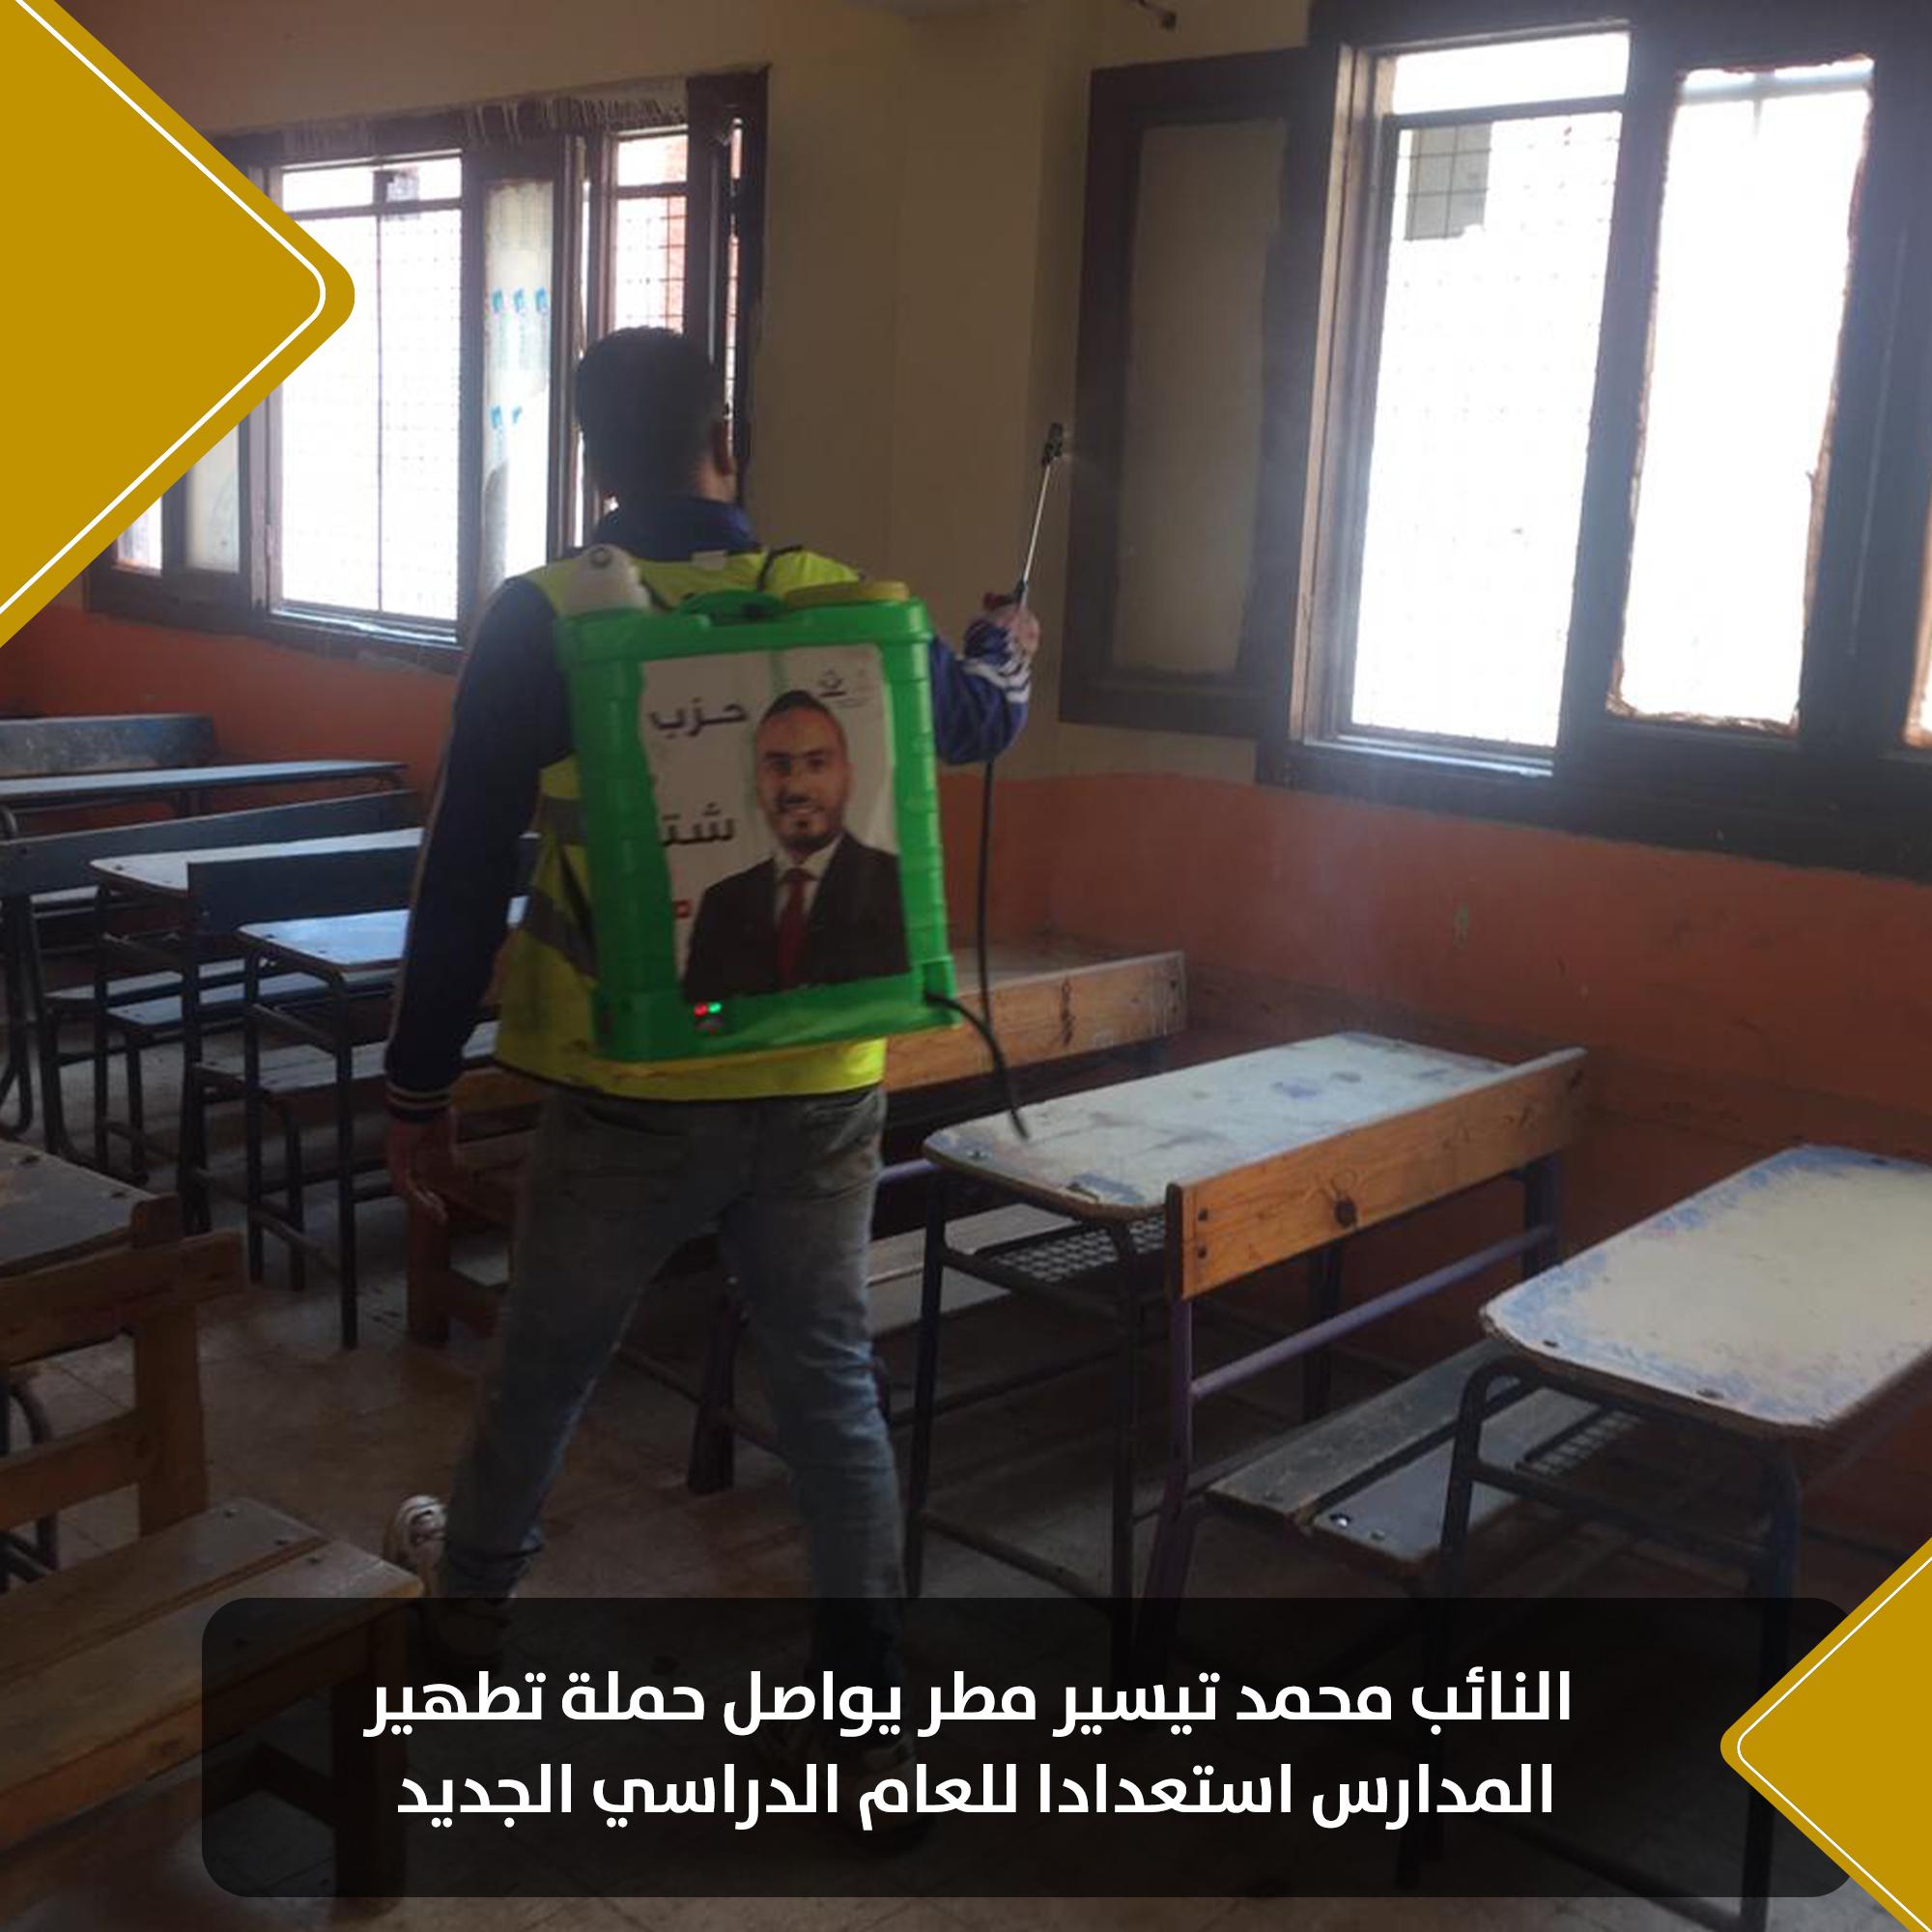 النائب محمد تيسير مطر يواصل حملة تطهير المدارسس (4)